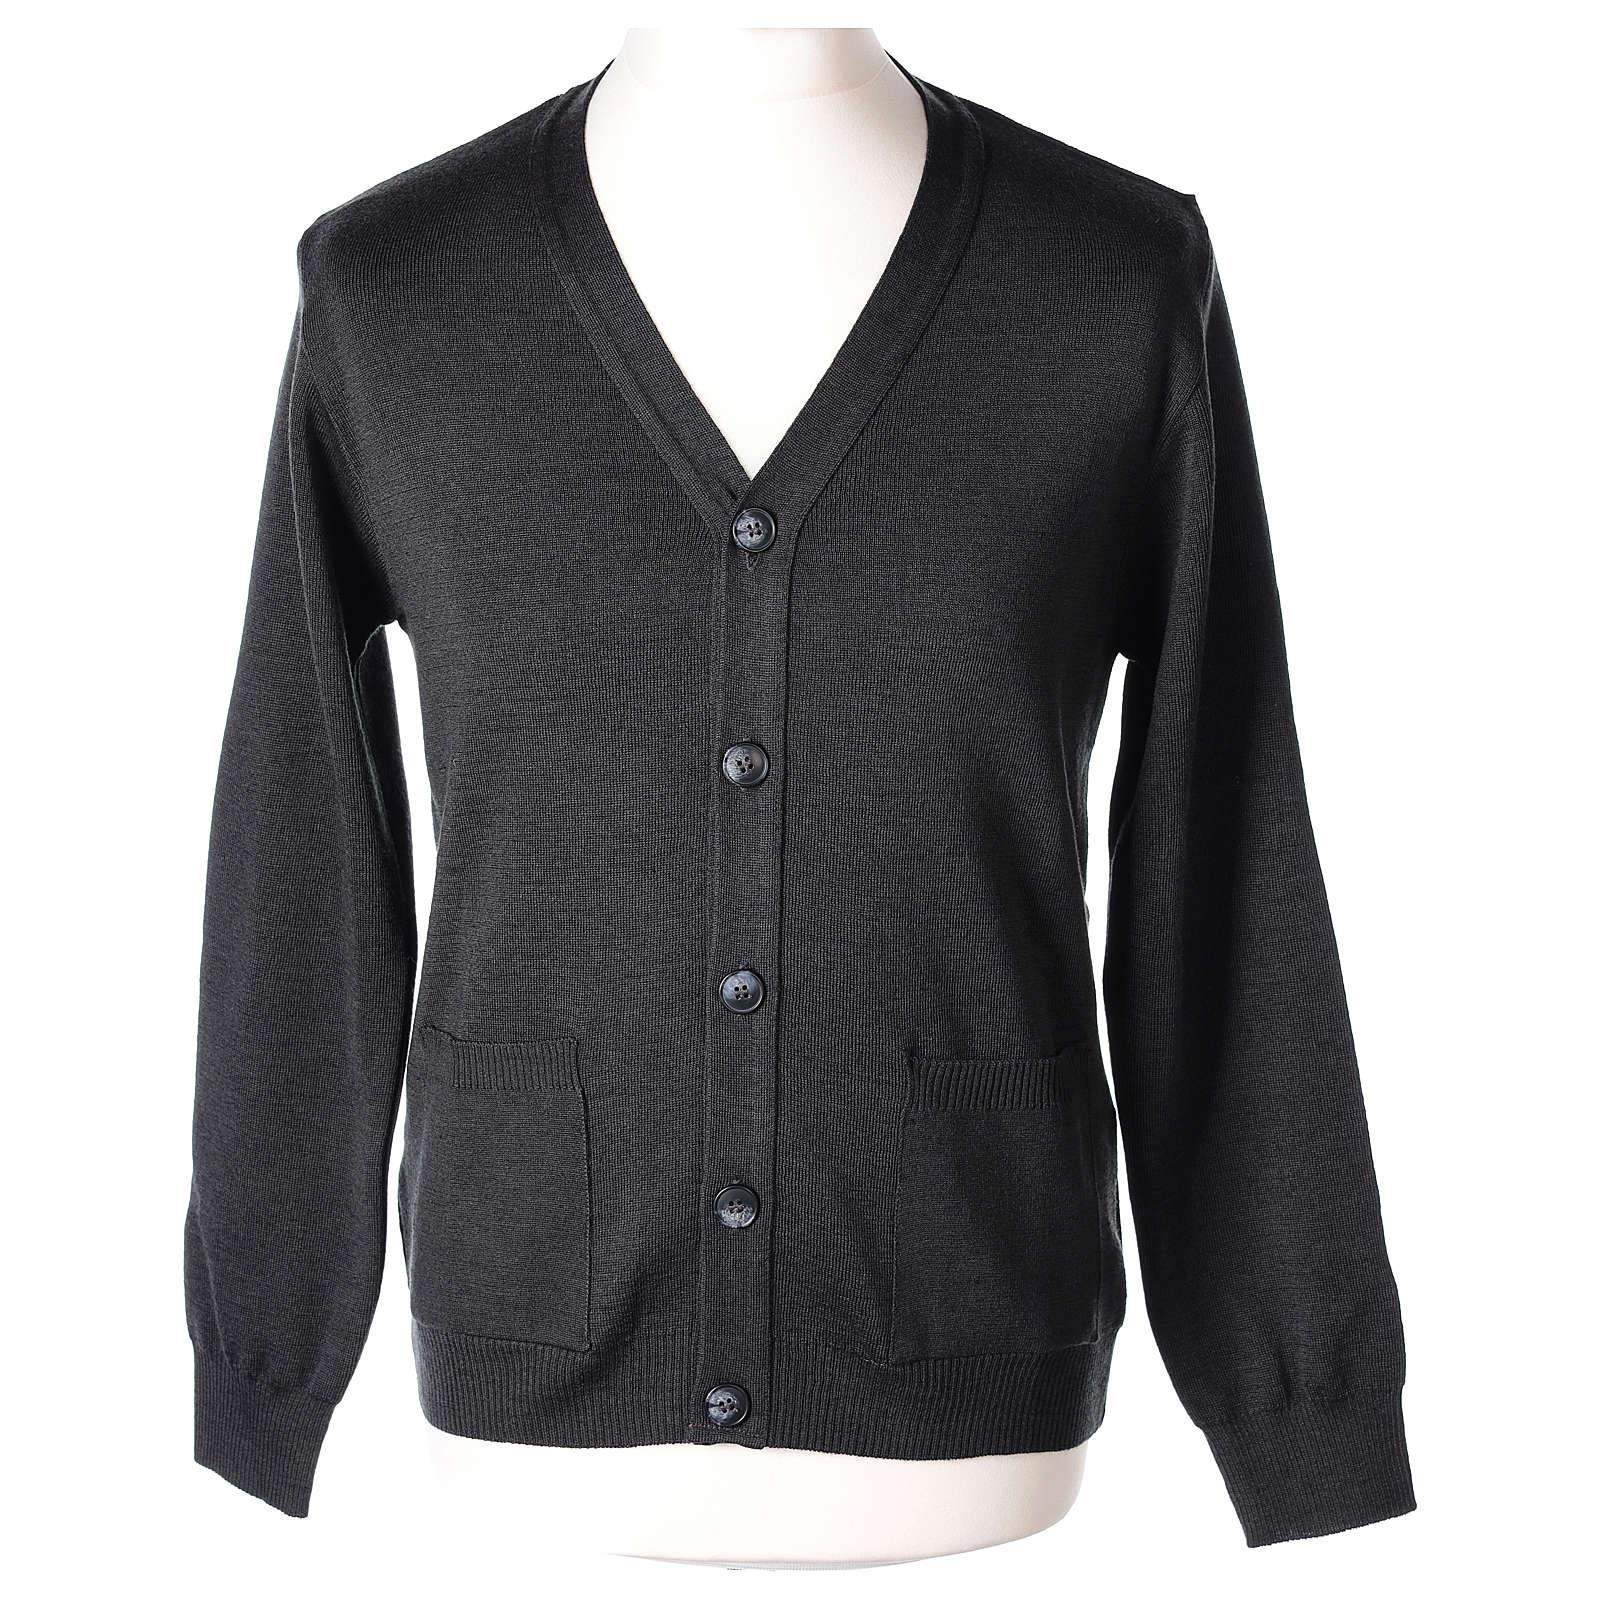 Gilet manches longues prêtre anthracite poches et boutons 50% laine mérinos 50% acrylique In Primis 4